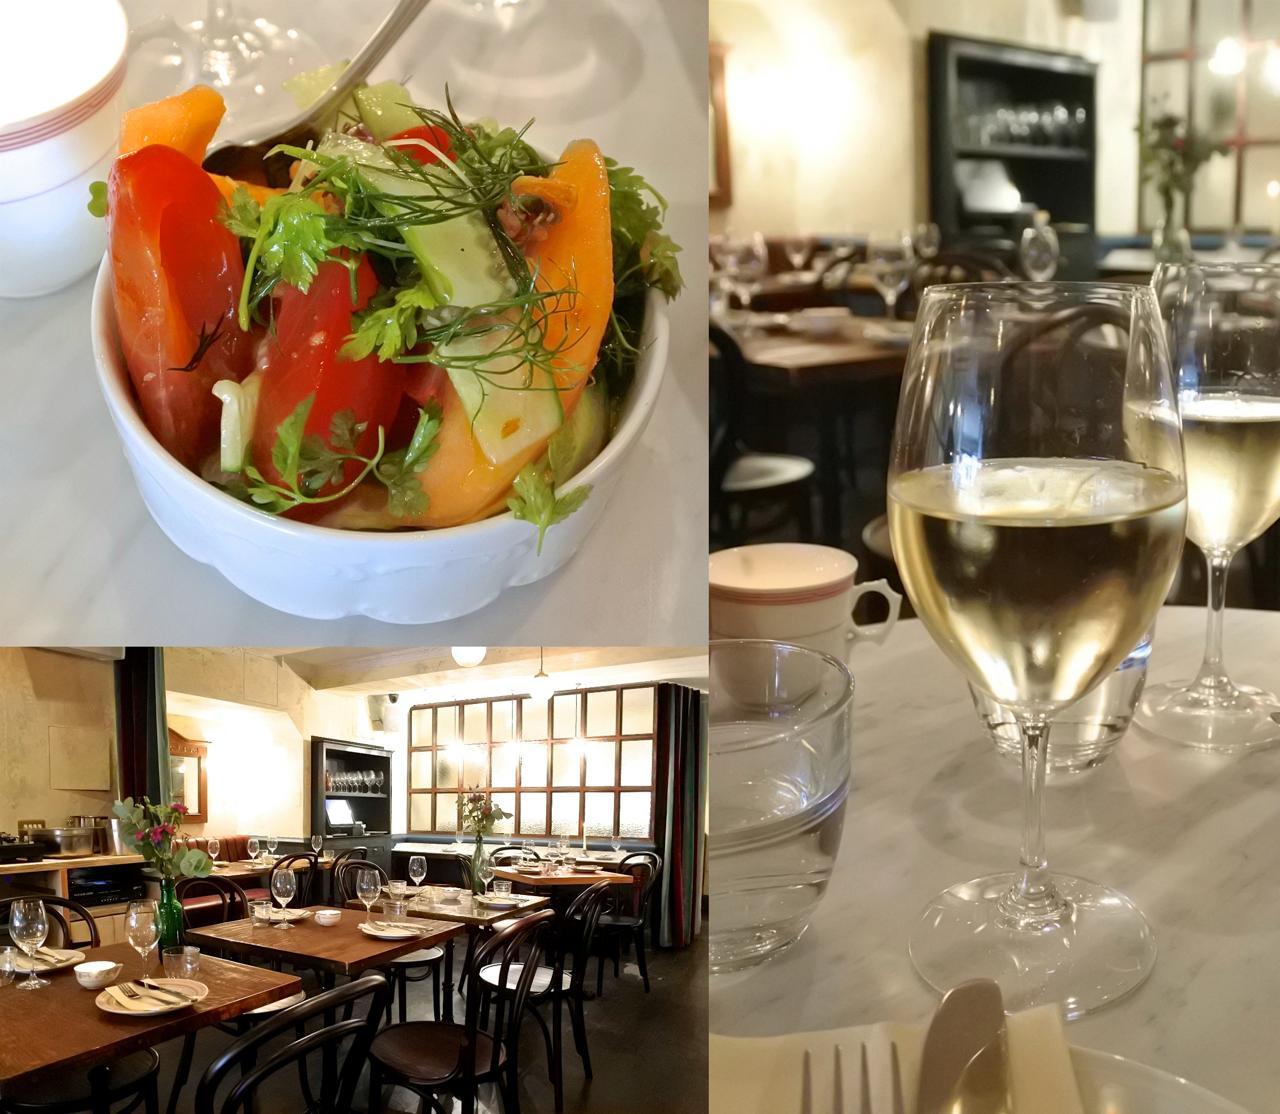 ヘリテージ・トマトとメロンのサラダ。新鮮でドレッシングもうまい!  ここのハウスの白はオススメ☆